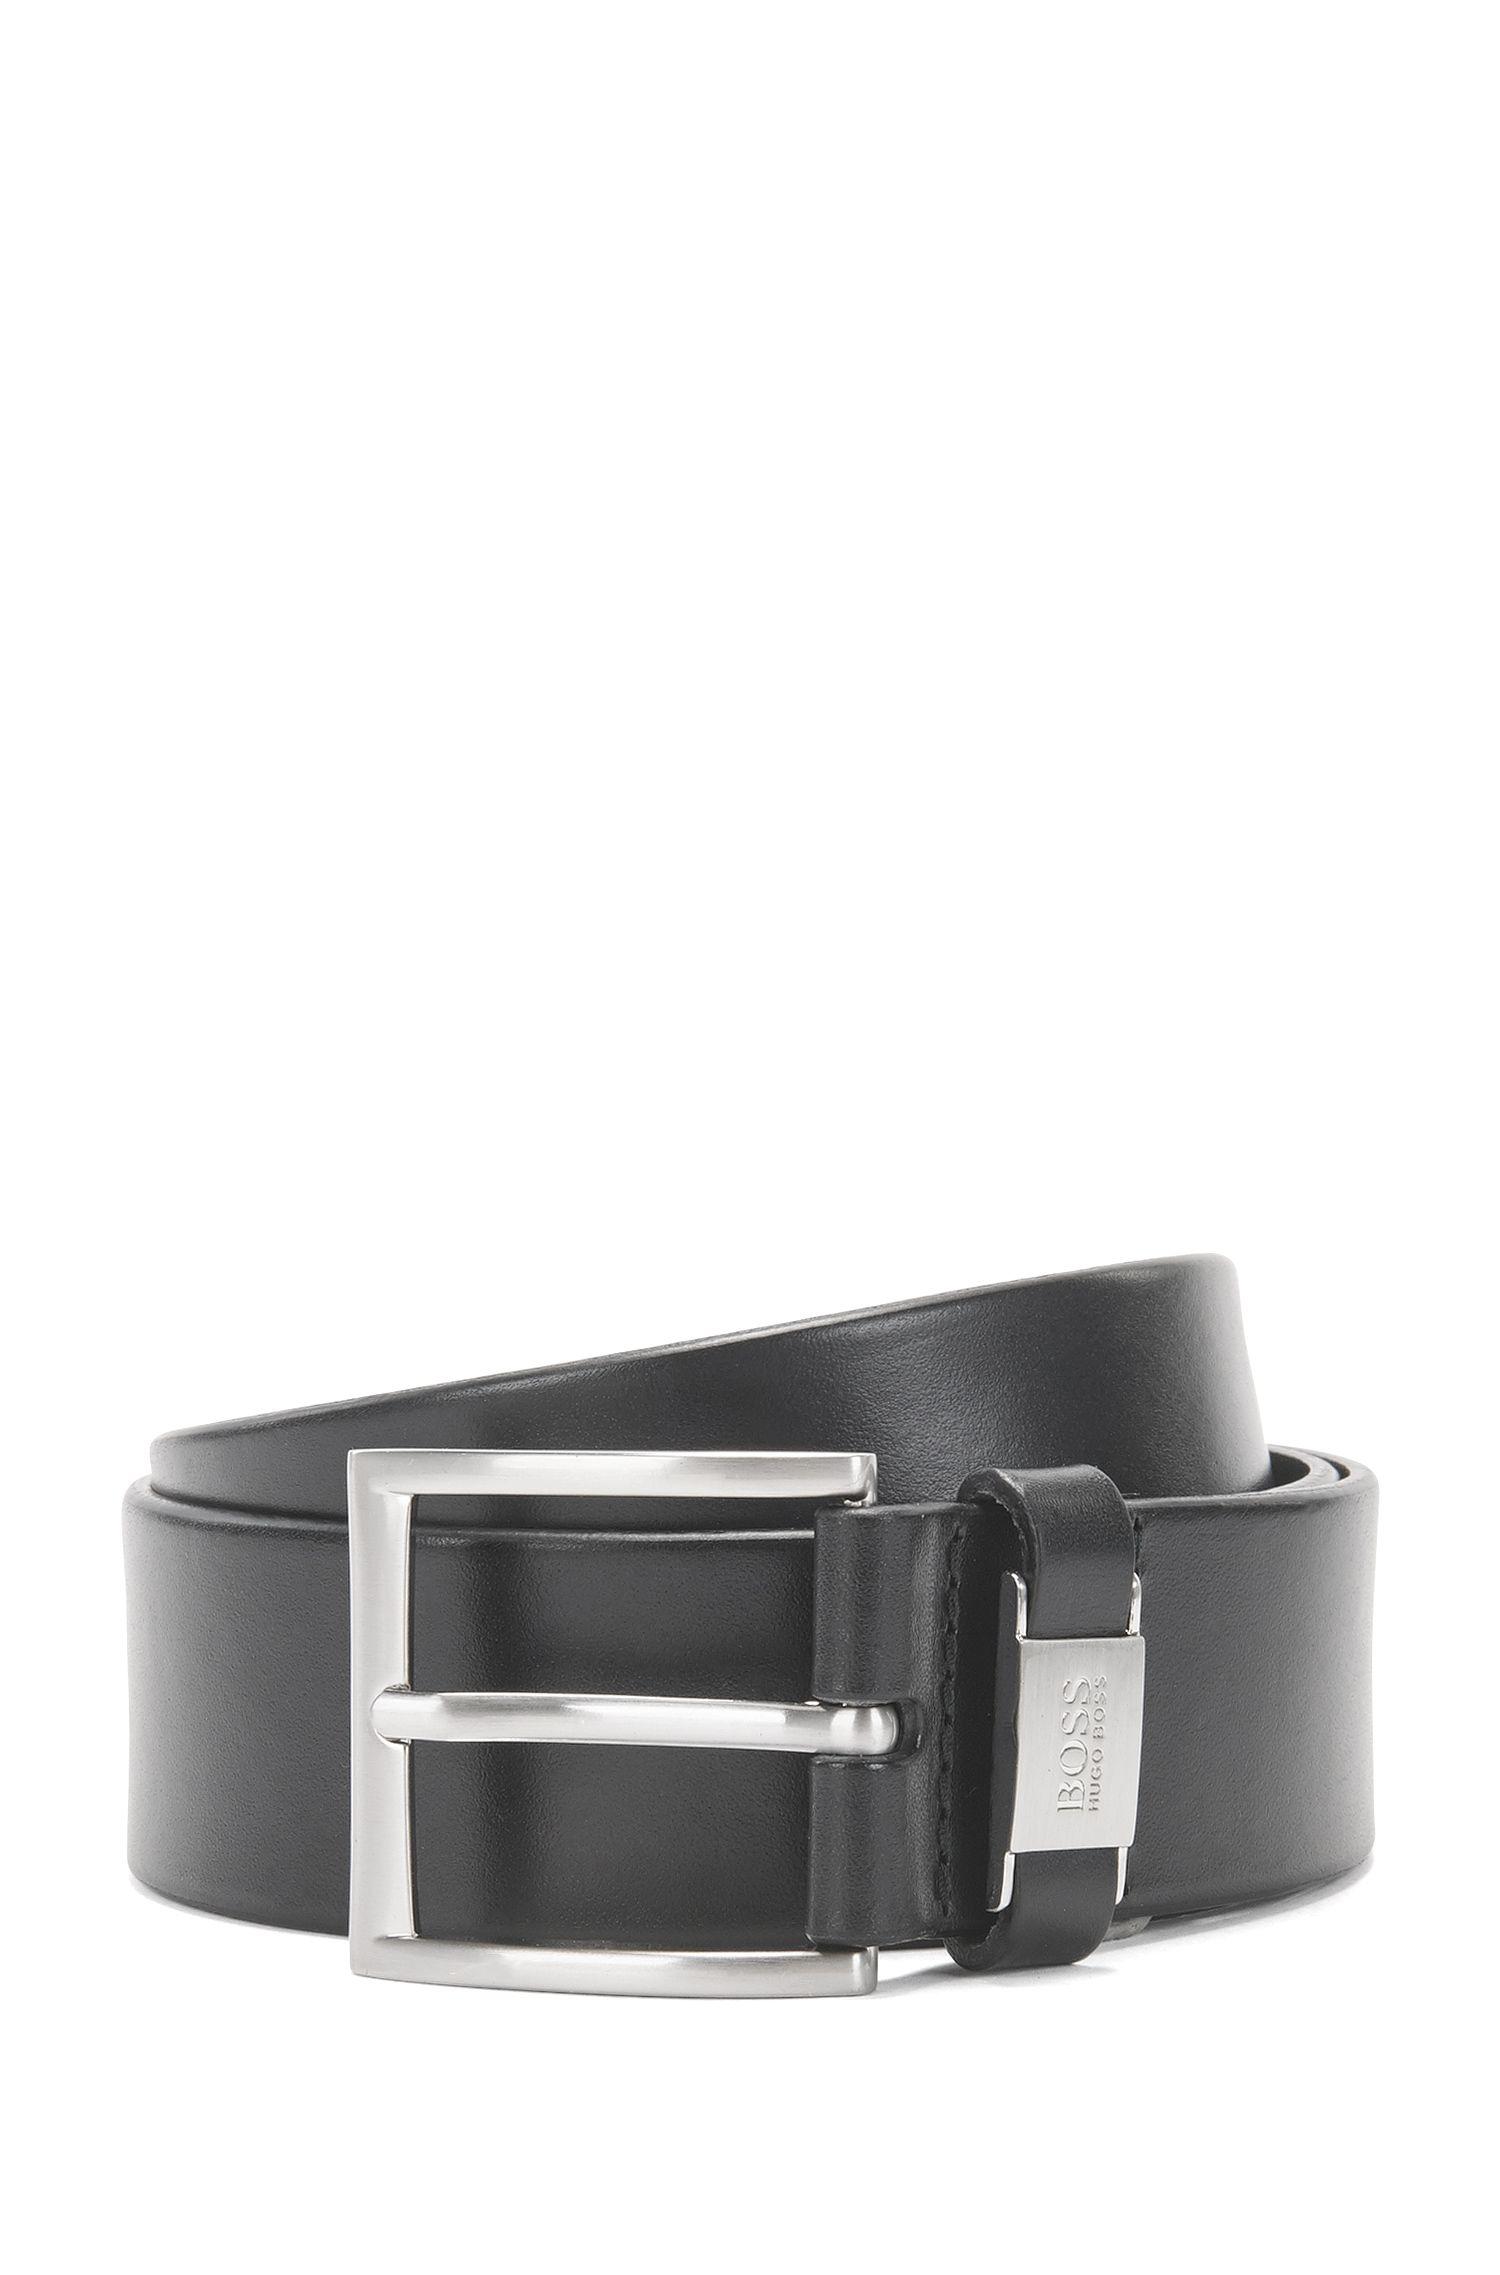 Cintura in pelle con passante con rifinitura in metallo